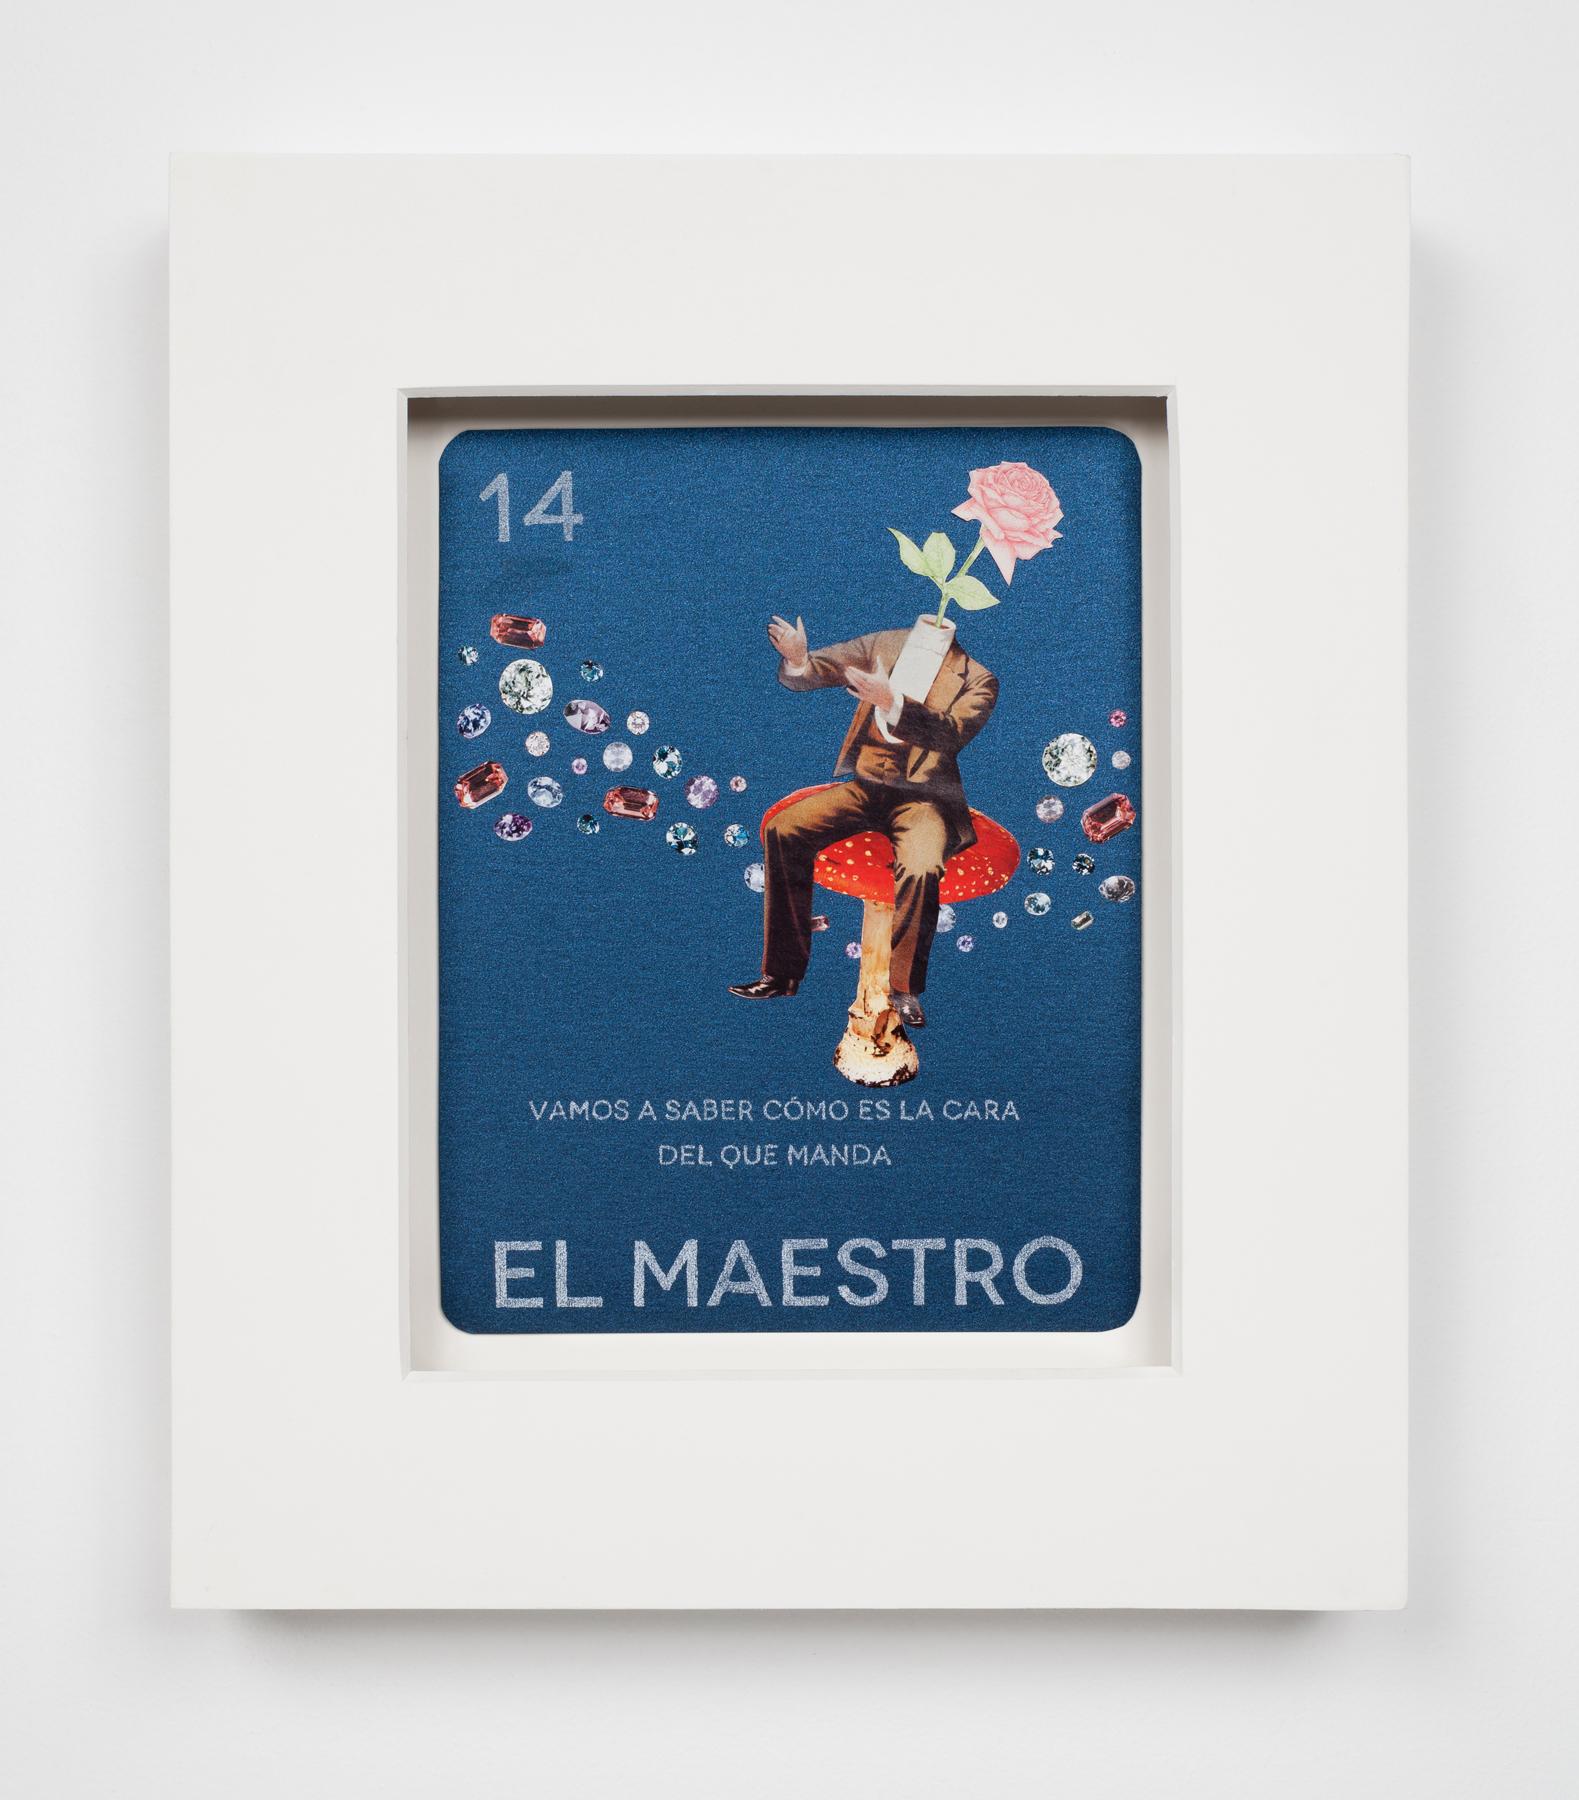 14 El Maestro (The Maestro)